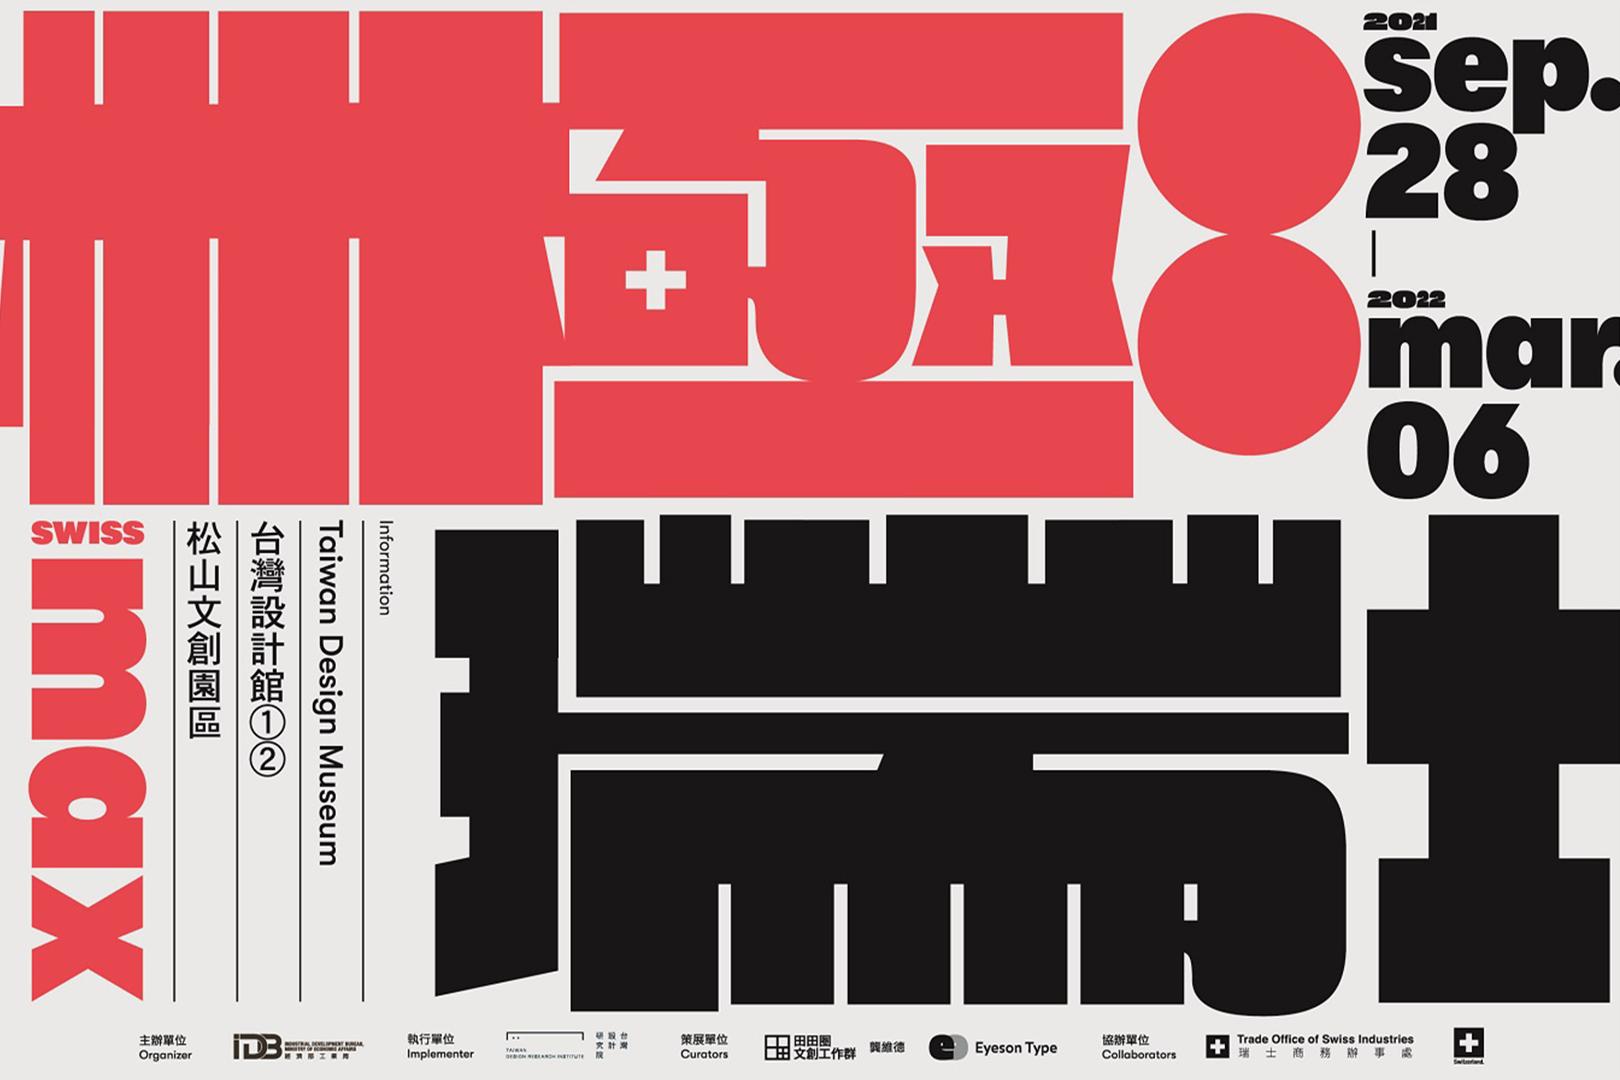 極瑞士SWISS MAX:瑞士設計展9月28日台灣設計館登場